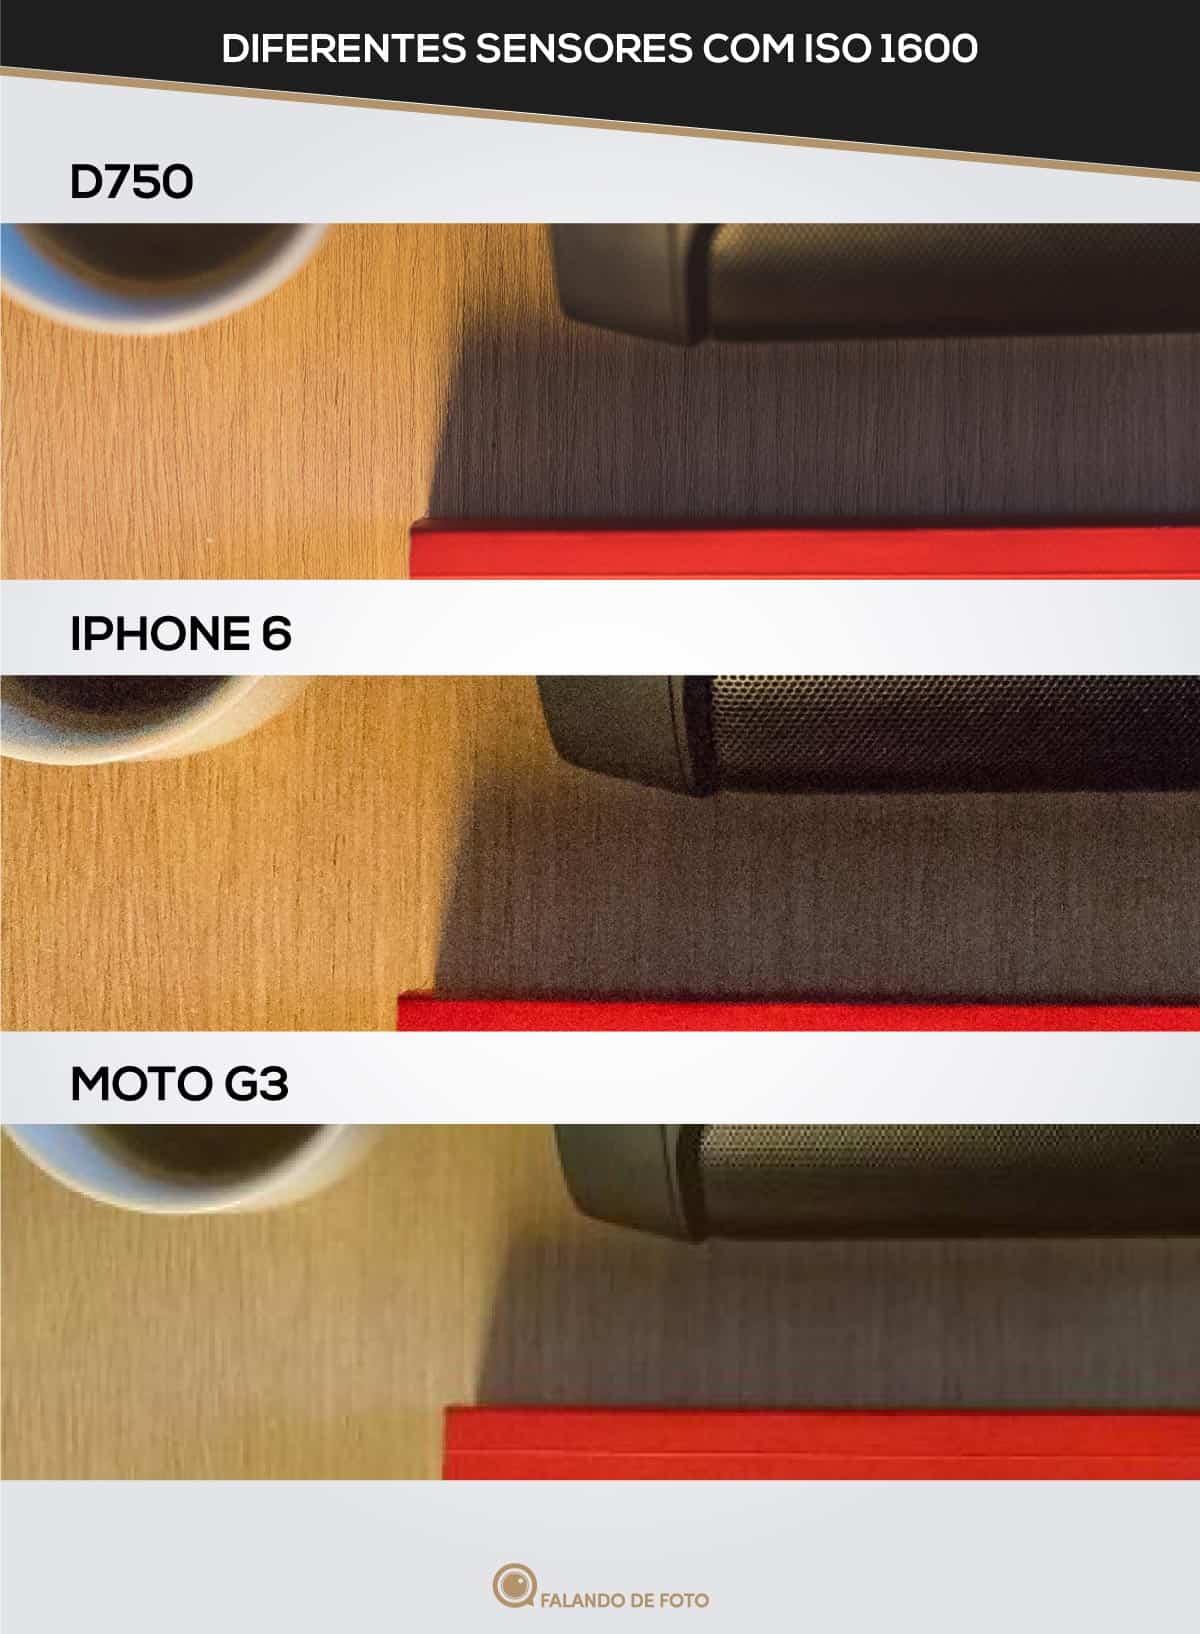 Sensores ISO na fotografia